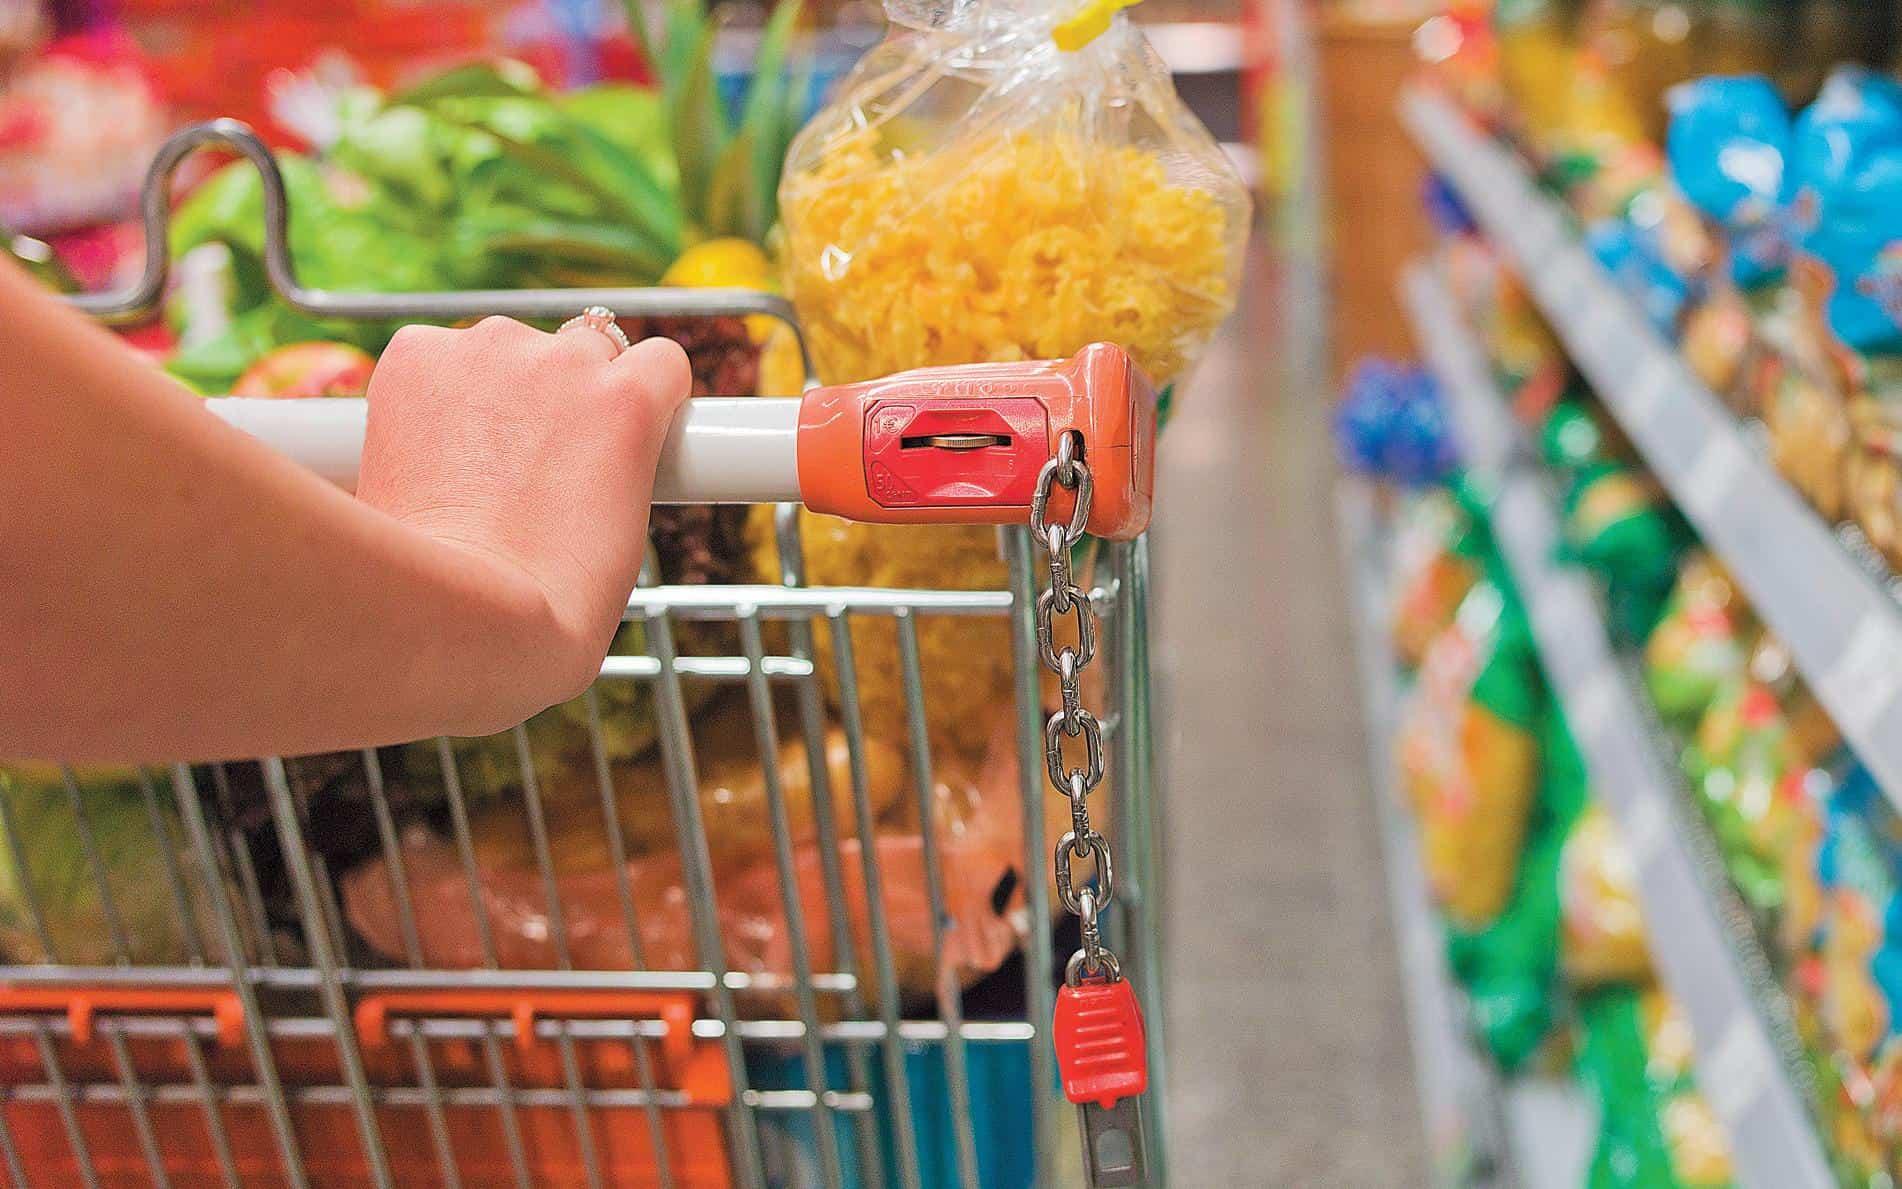 Confira quais foram os alimentos mais caros no mês de setembro segundo o IBGE